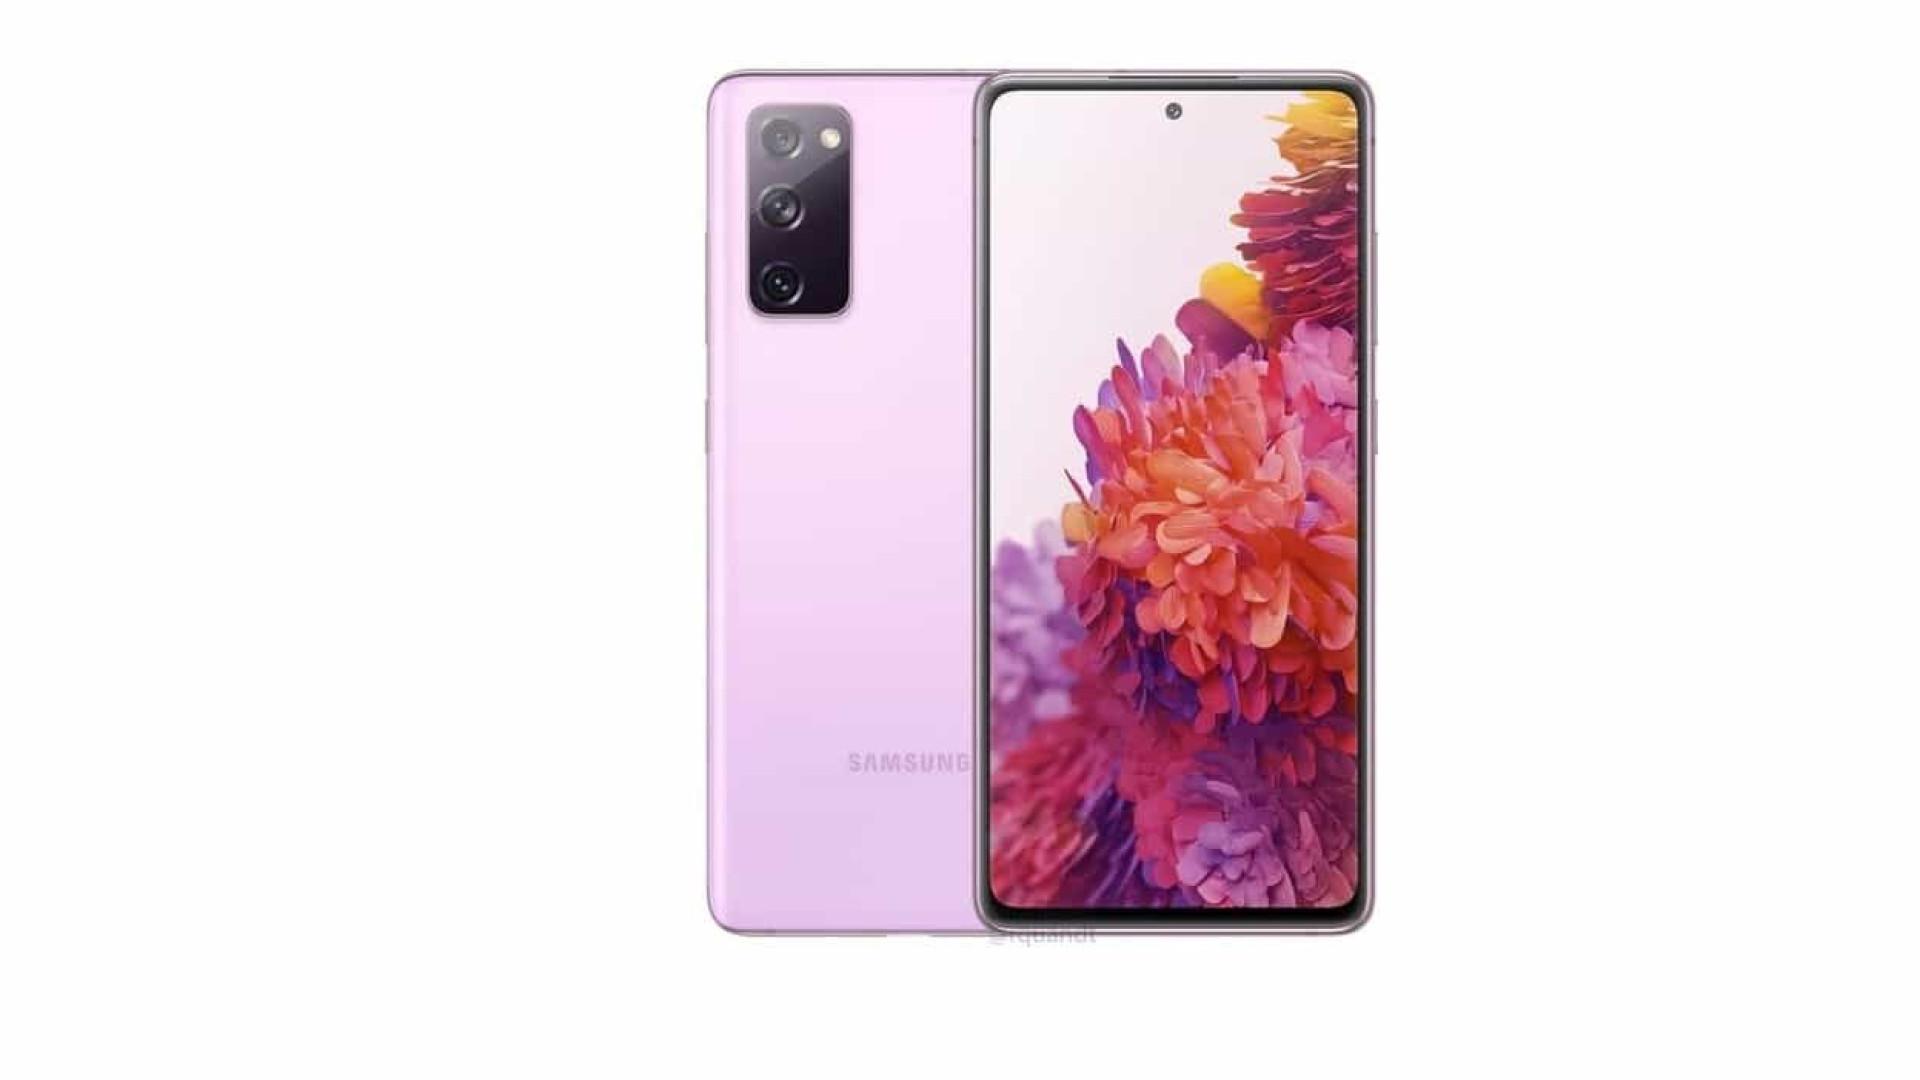 Galaxy S20 FE, o próximo smartphone da Samsung